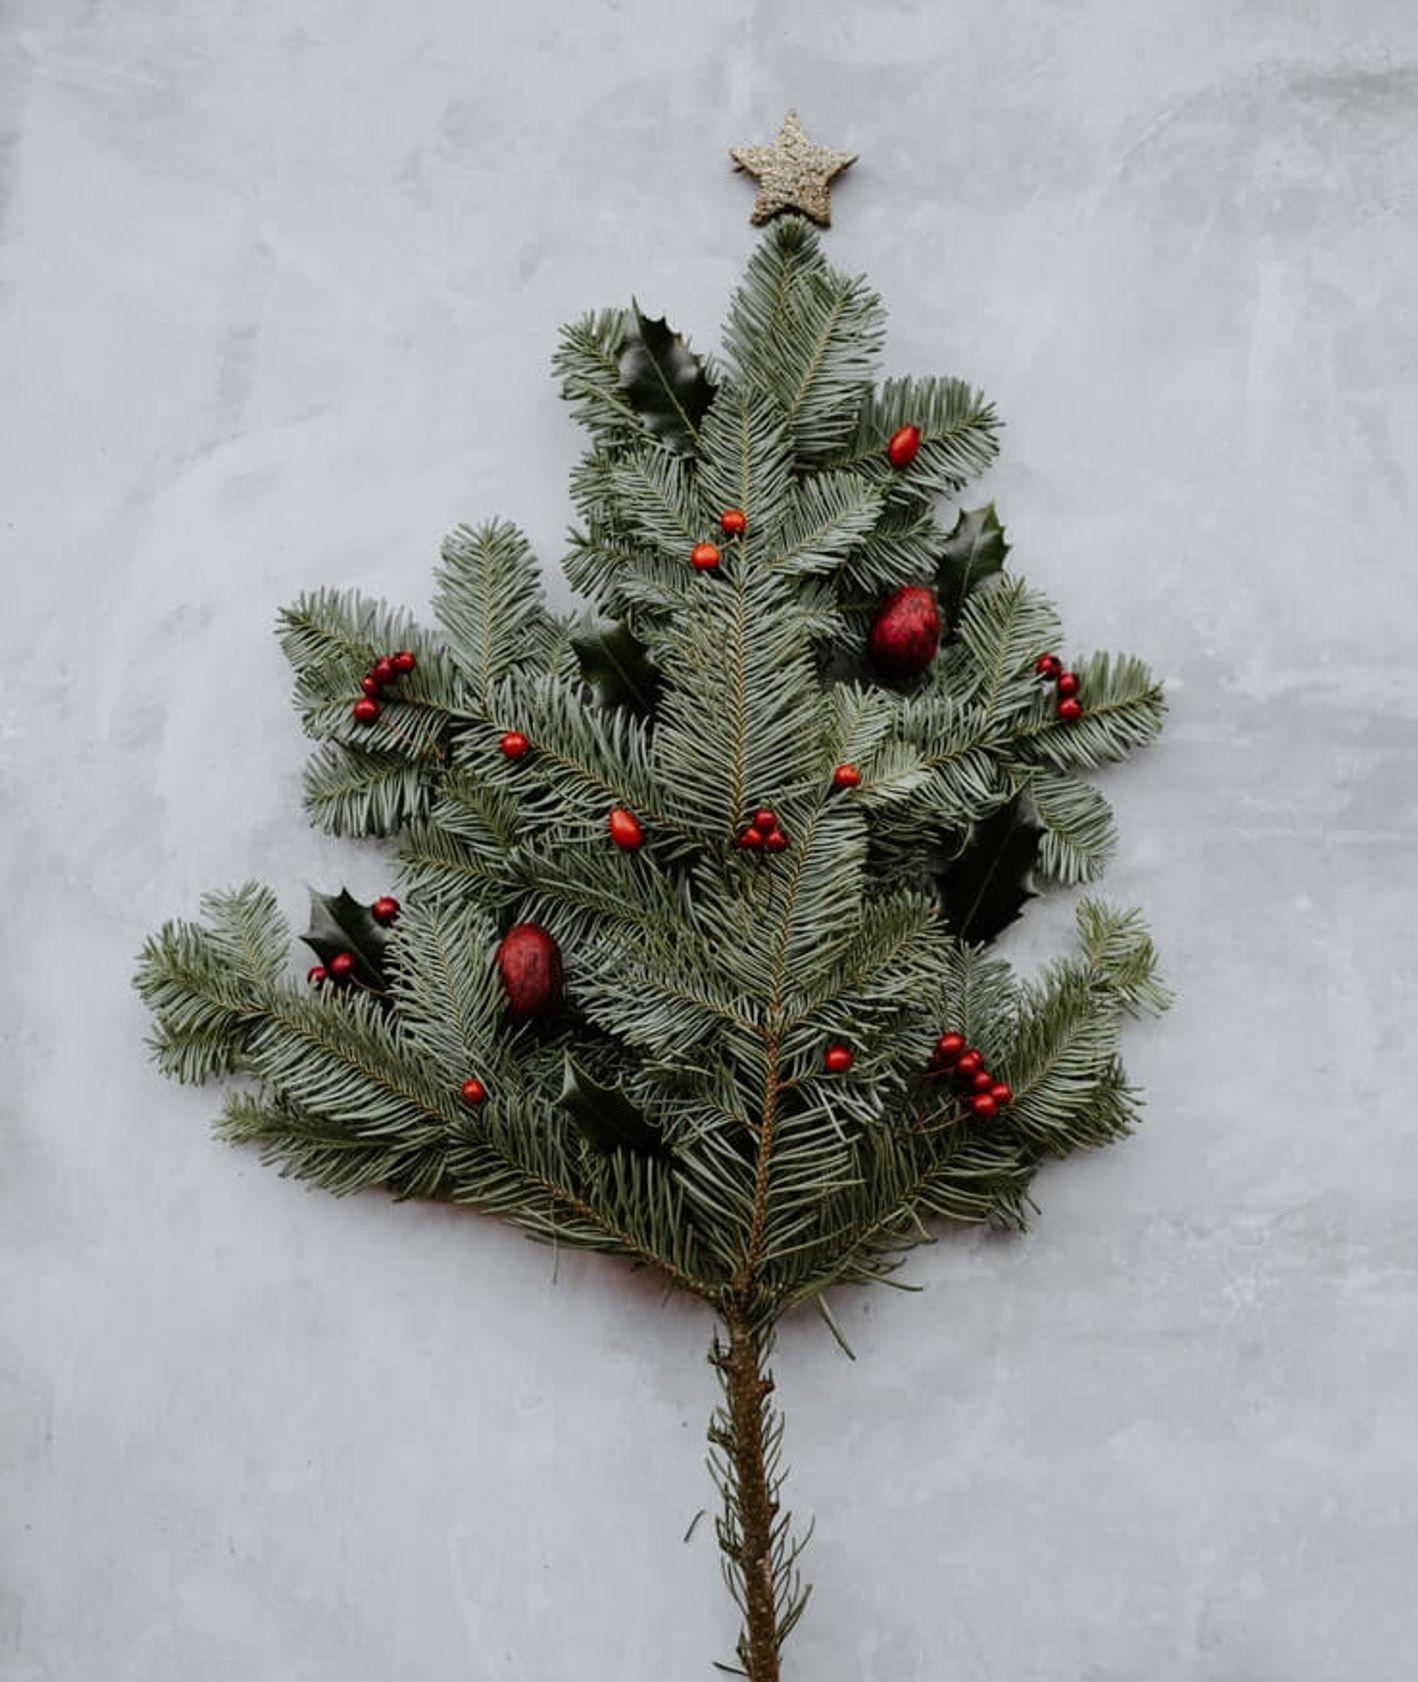 Filozofia świąt (fot. Annie Spratt)